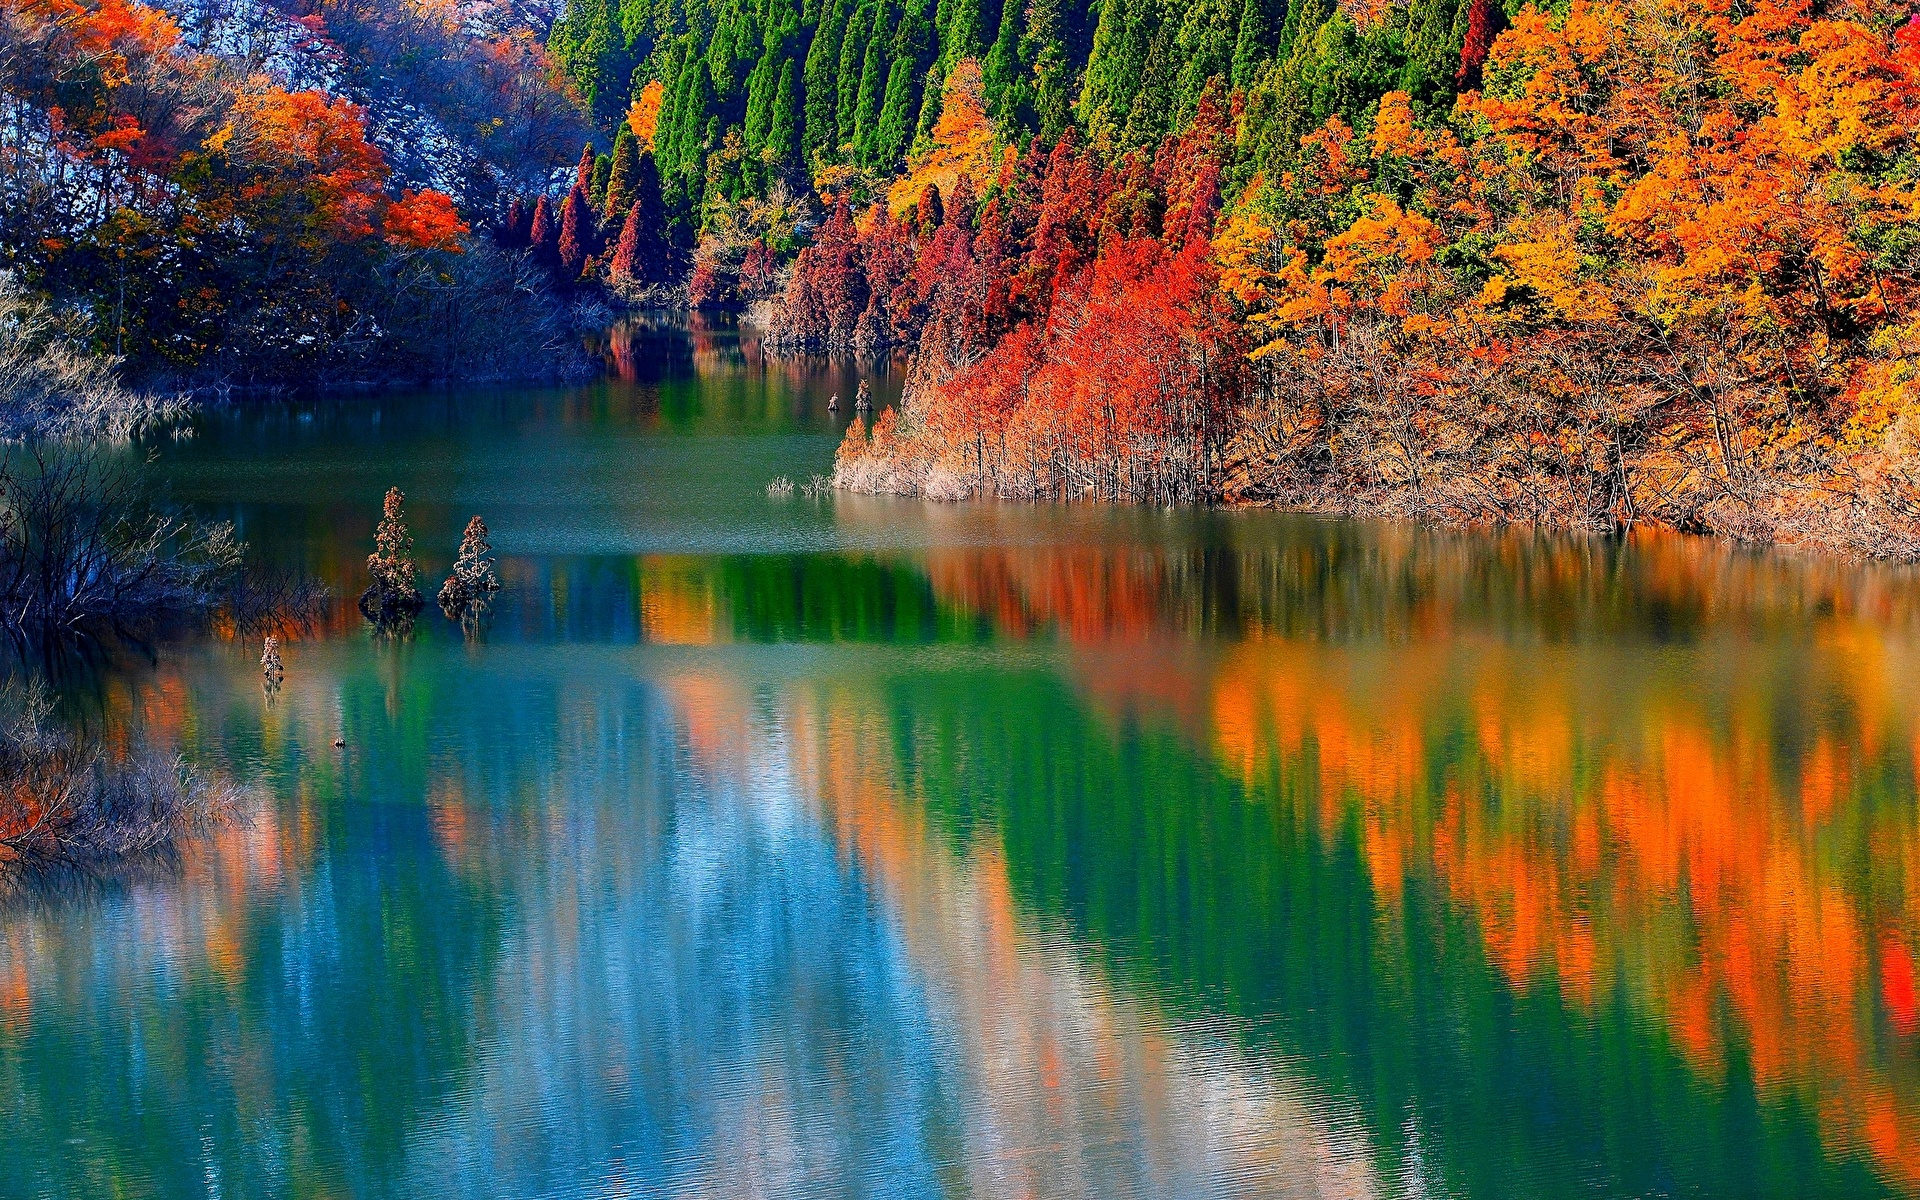 обои на рабочий стол осень природа река озеро лес № 241633  скачать